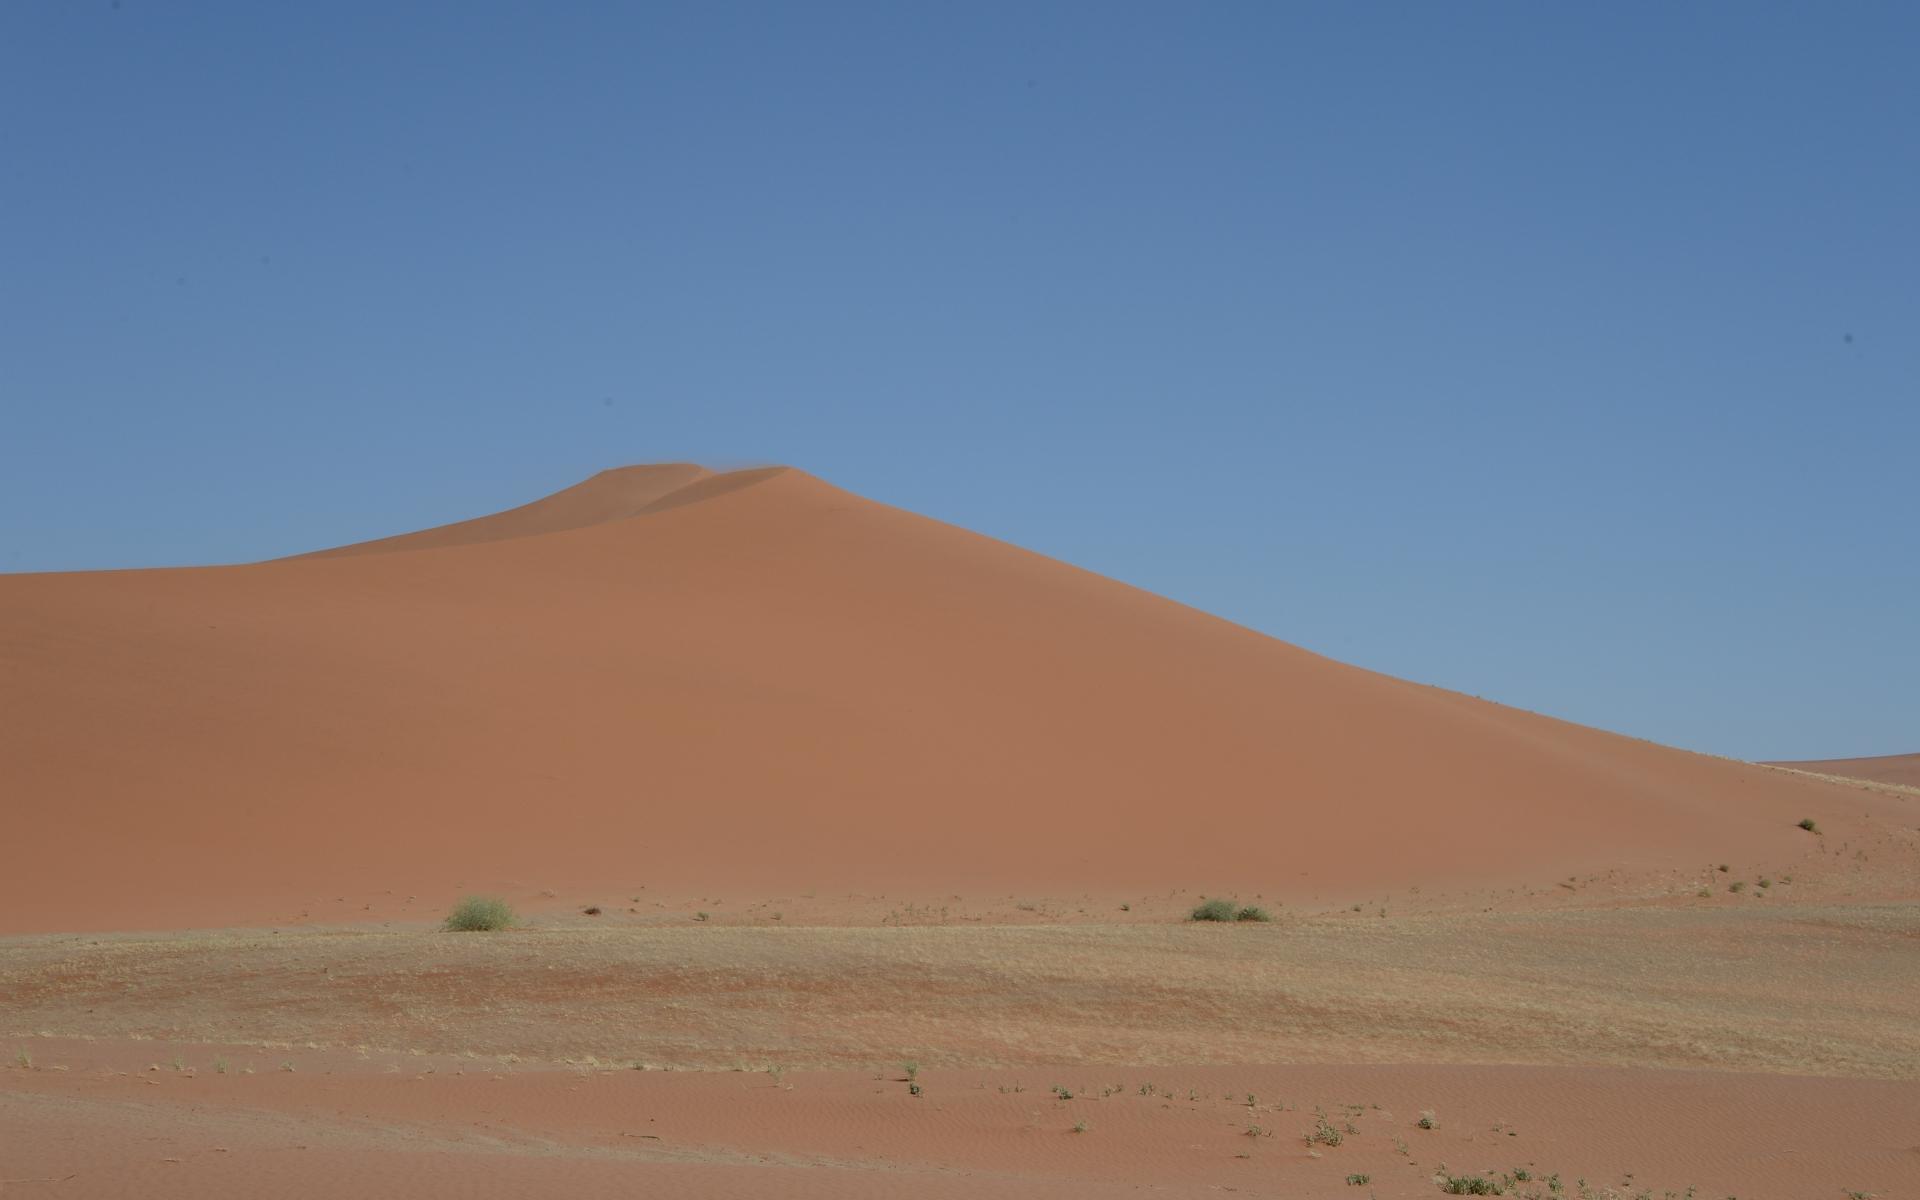 Namibia_Sossusvlei_Deadvlei_15